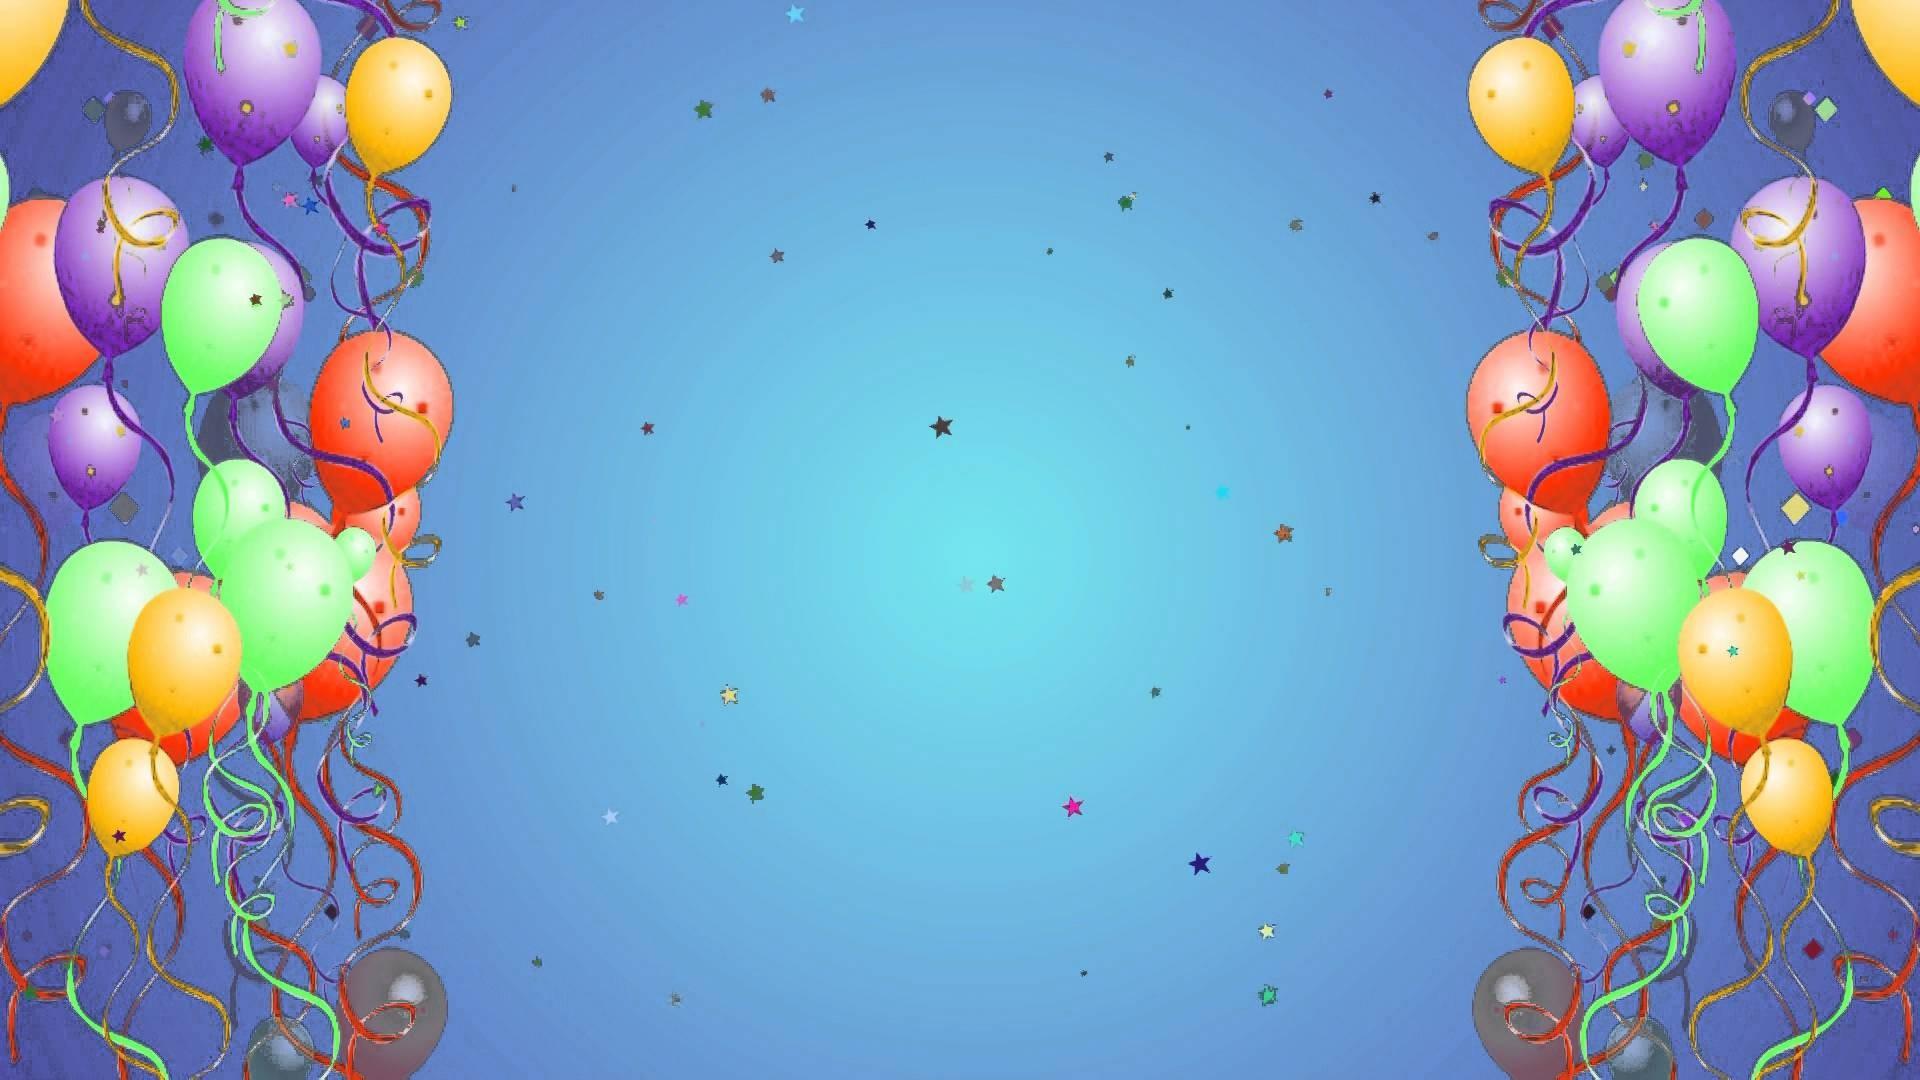 Happy Birthday background Download stunning 1920x1080